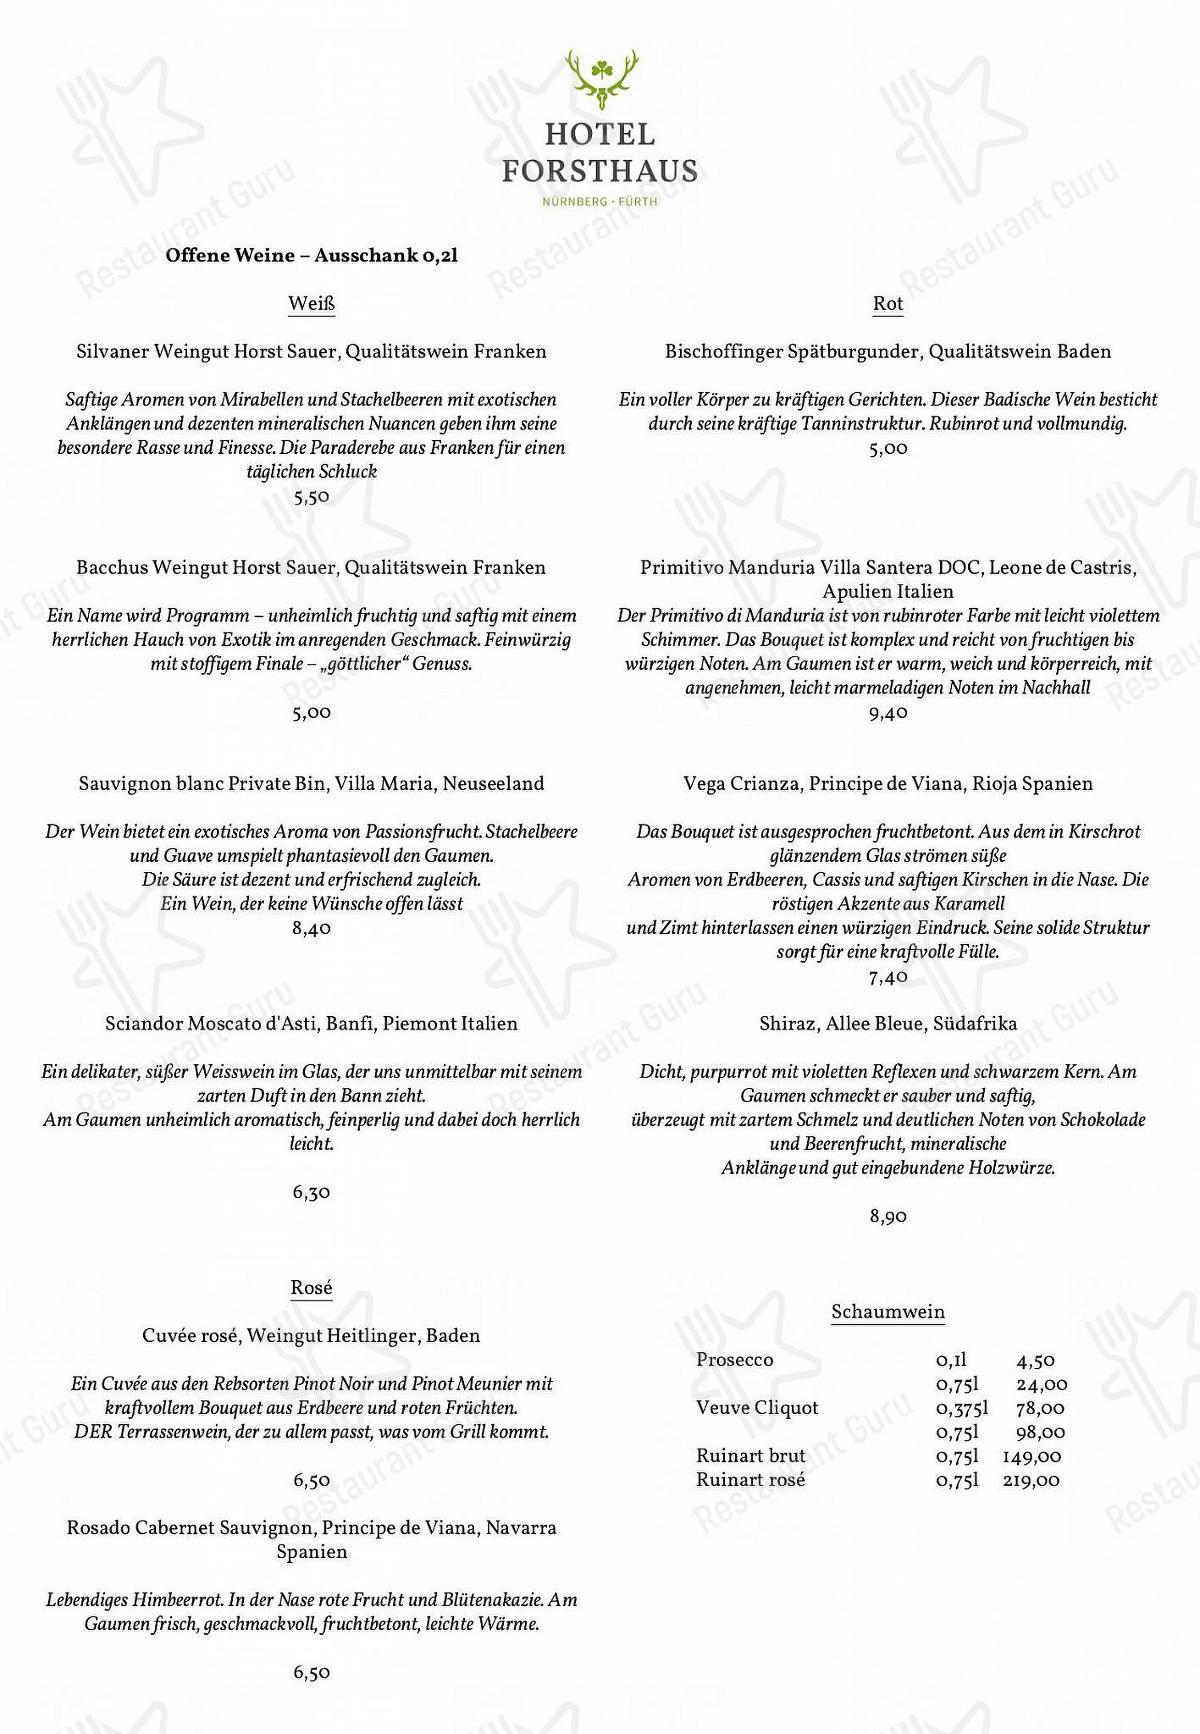 Waldrestaurant Speisekarte - Gerichte und Getränke